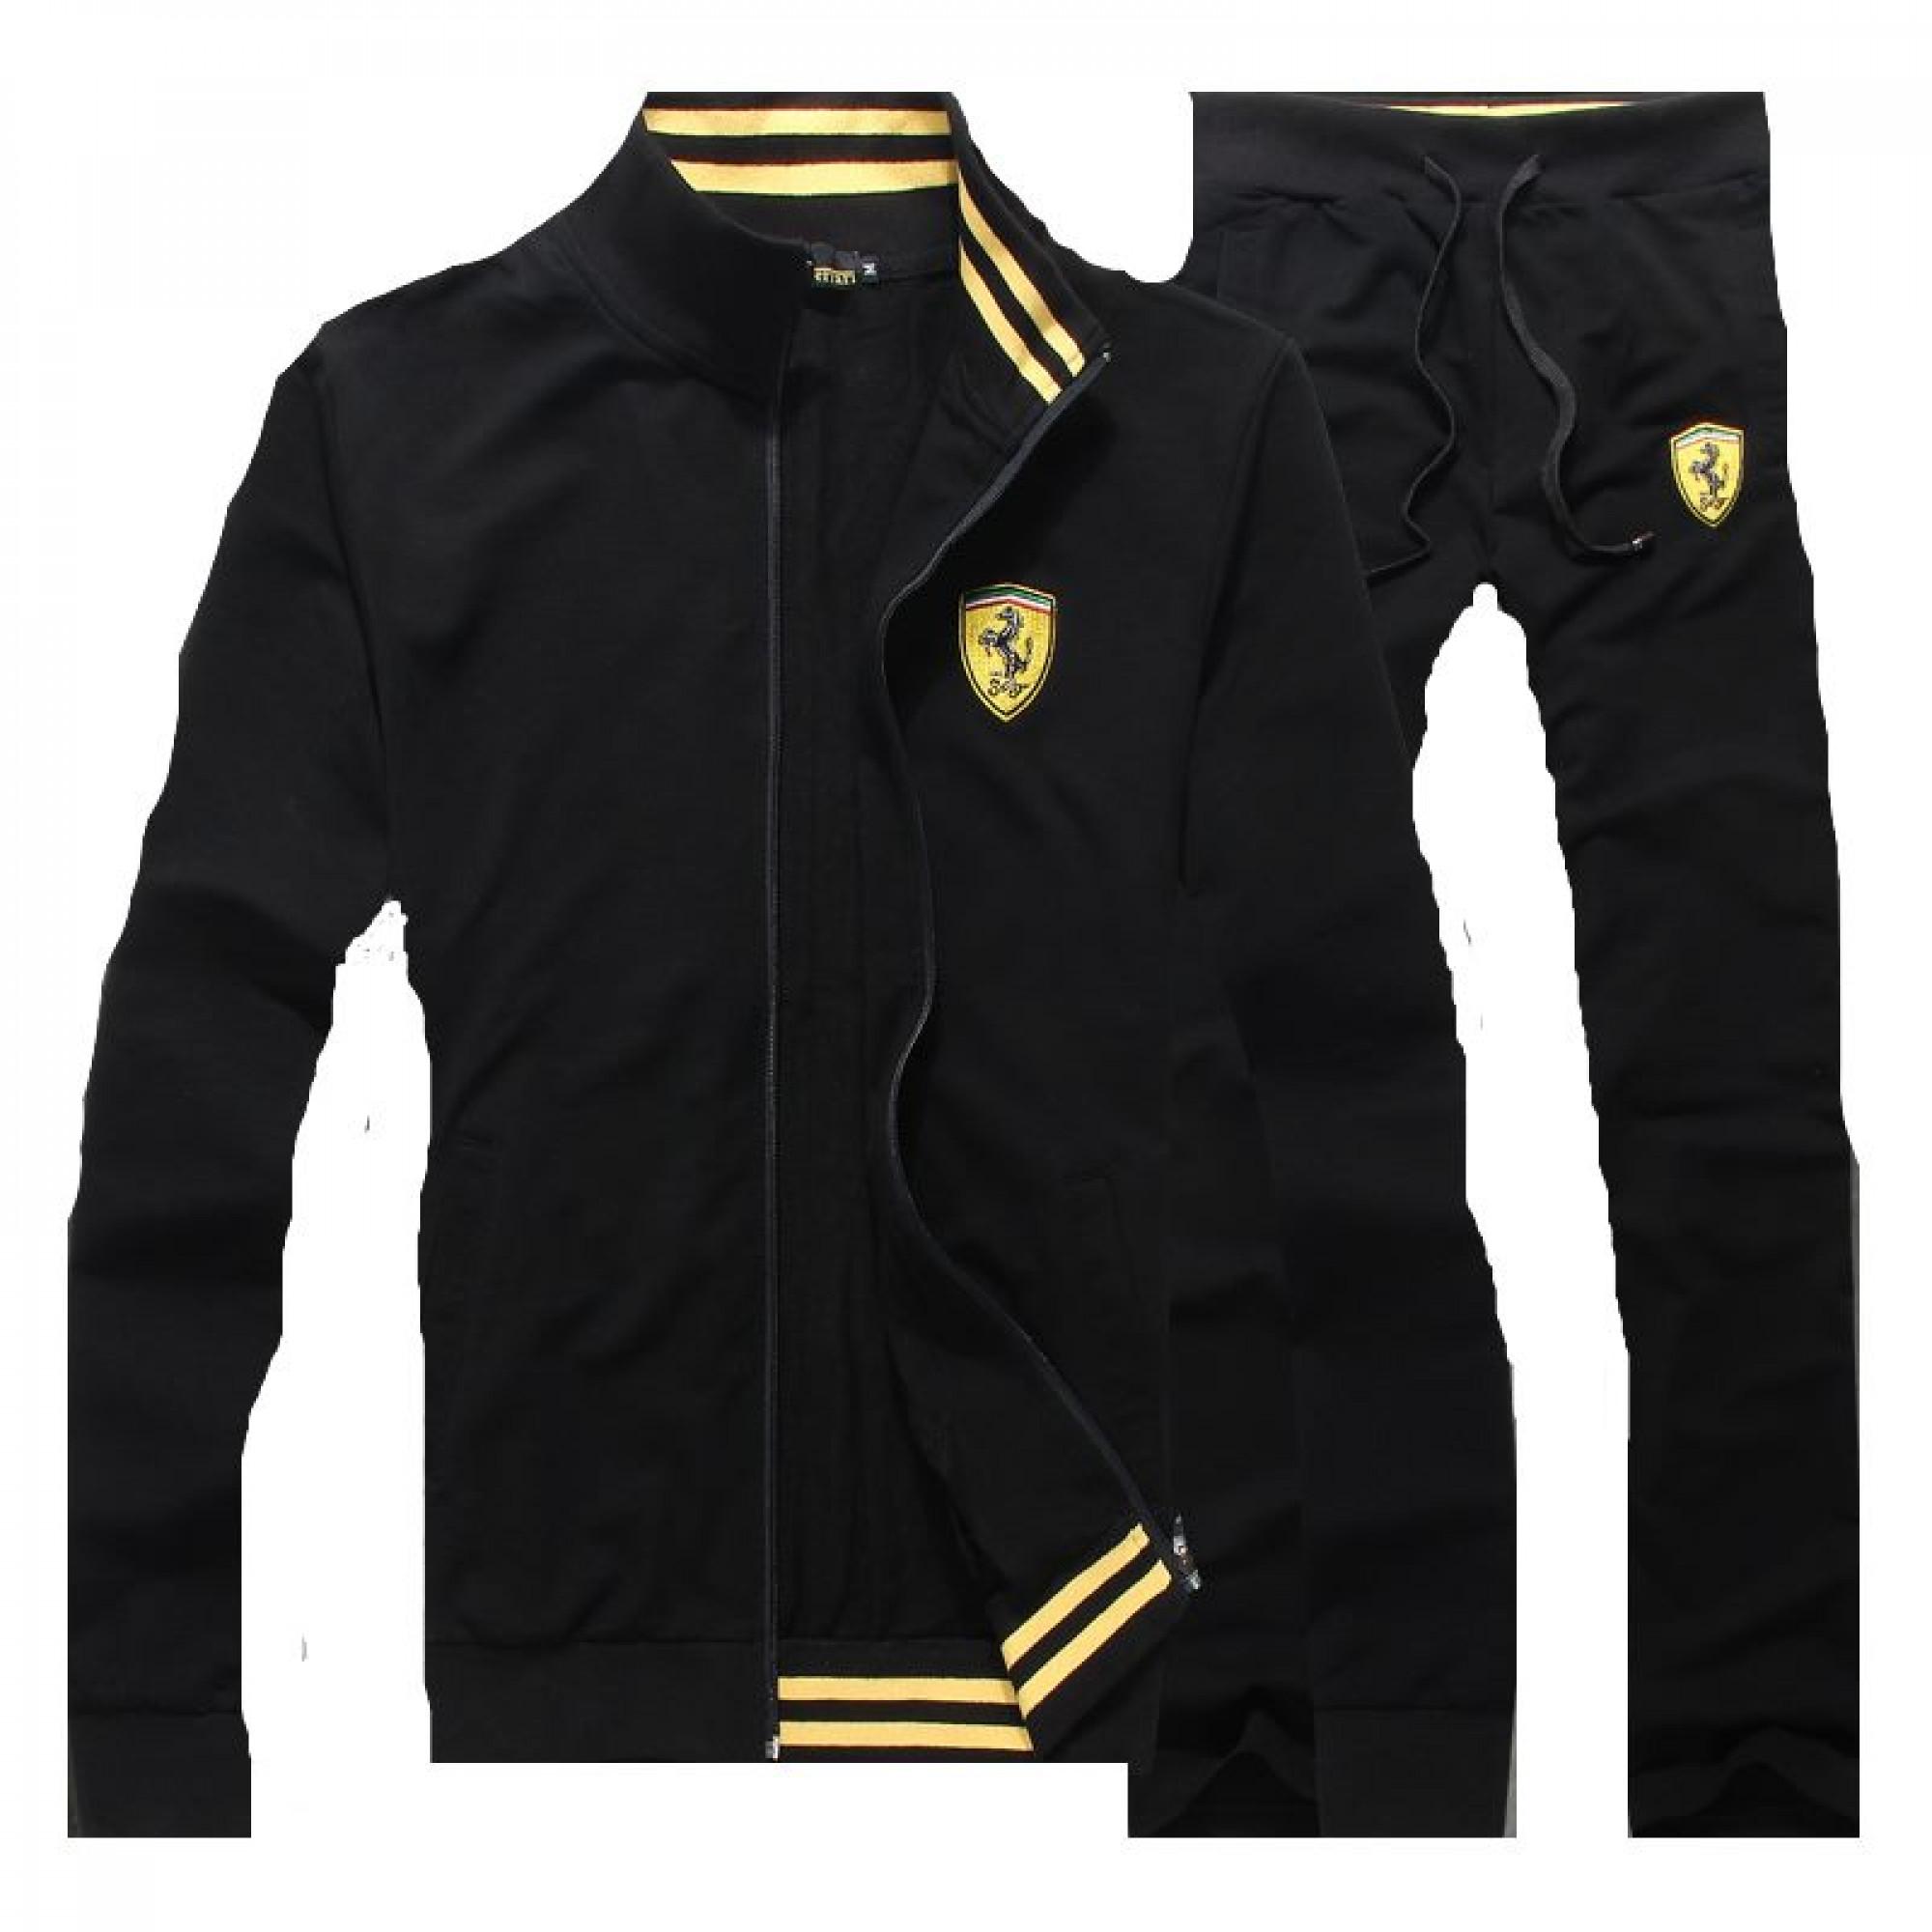 f8201b5f Купить черный спортивный костюм Ferrari — в Киеве, код товара 15115